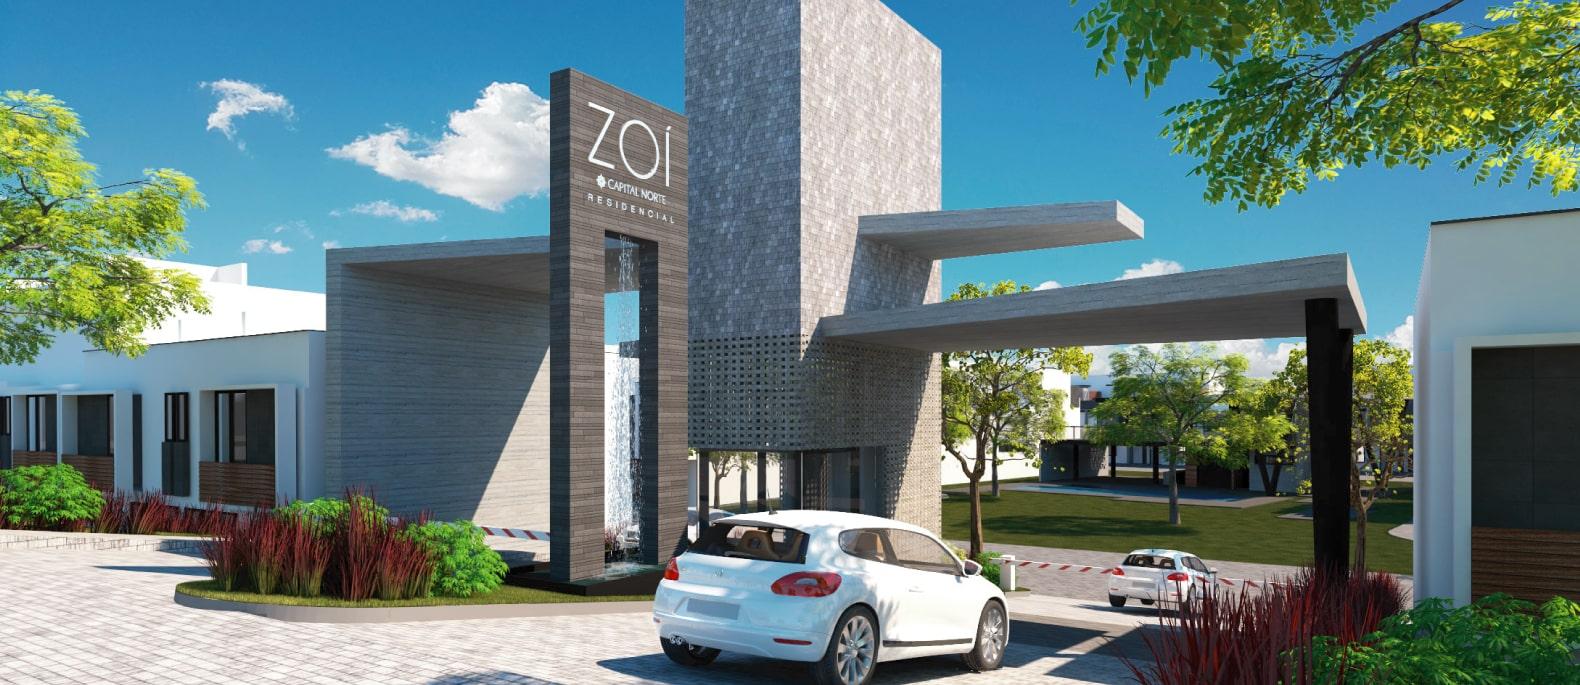 zoi-capital-banner-min